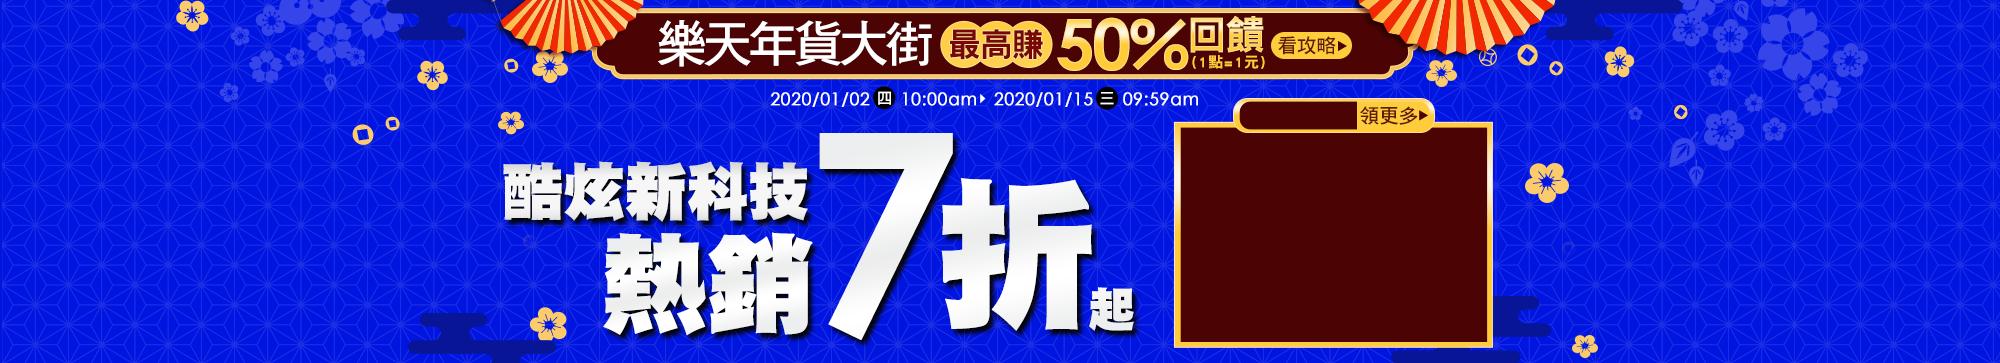 樂天年貨大街:熱銷3C家電7折起,最高再賺50%回饋